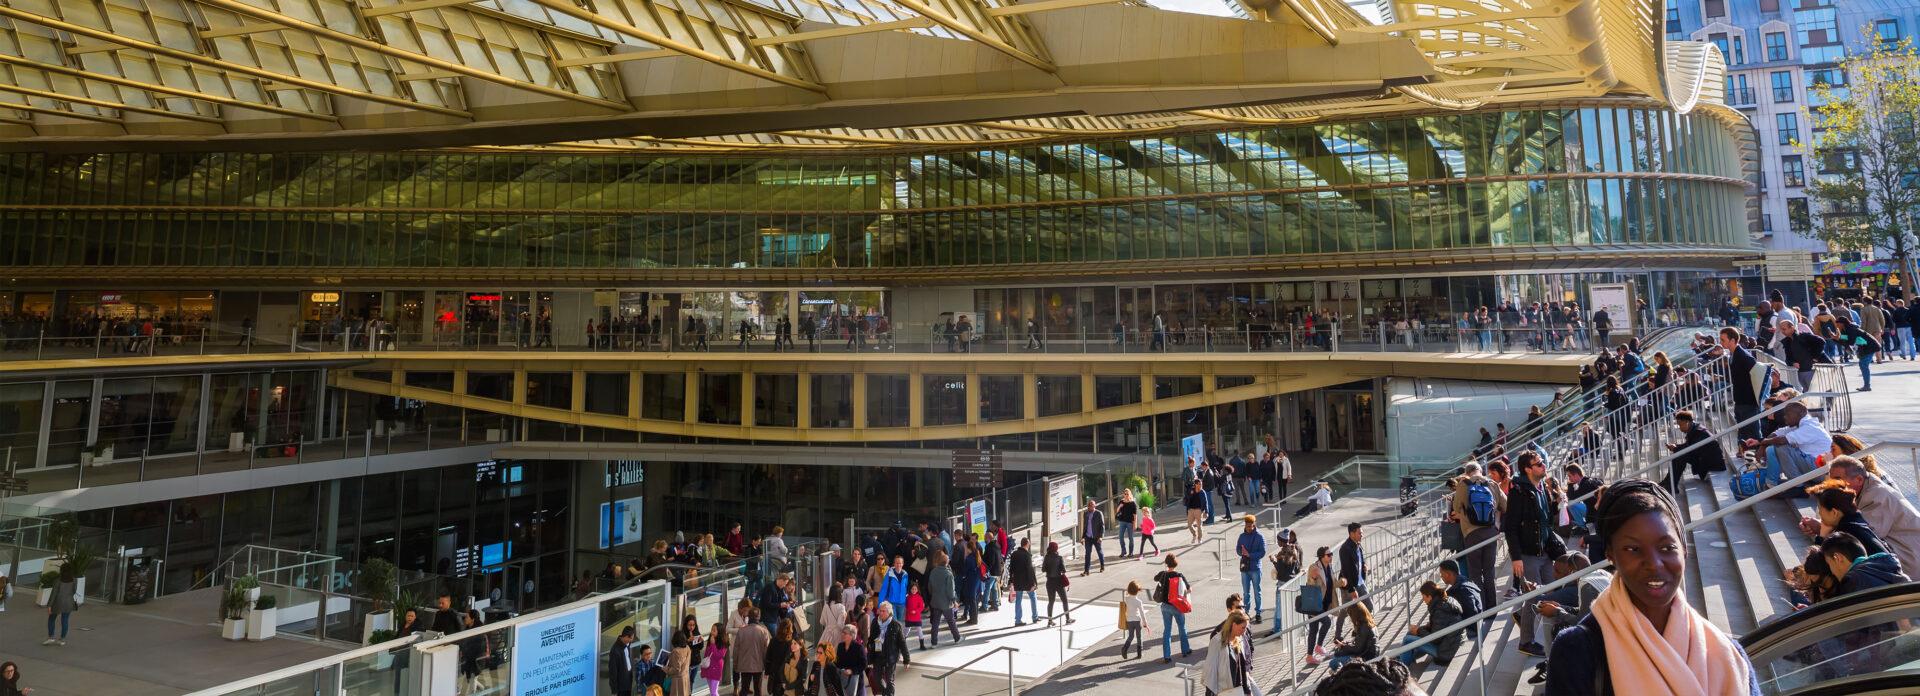 Forum des Halles kjopesenter Paris Frankrike shopping